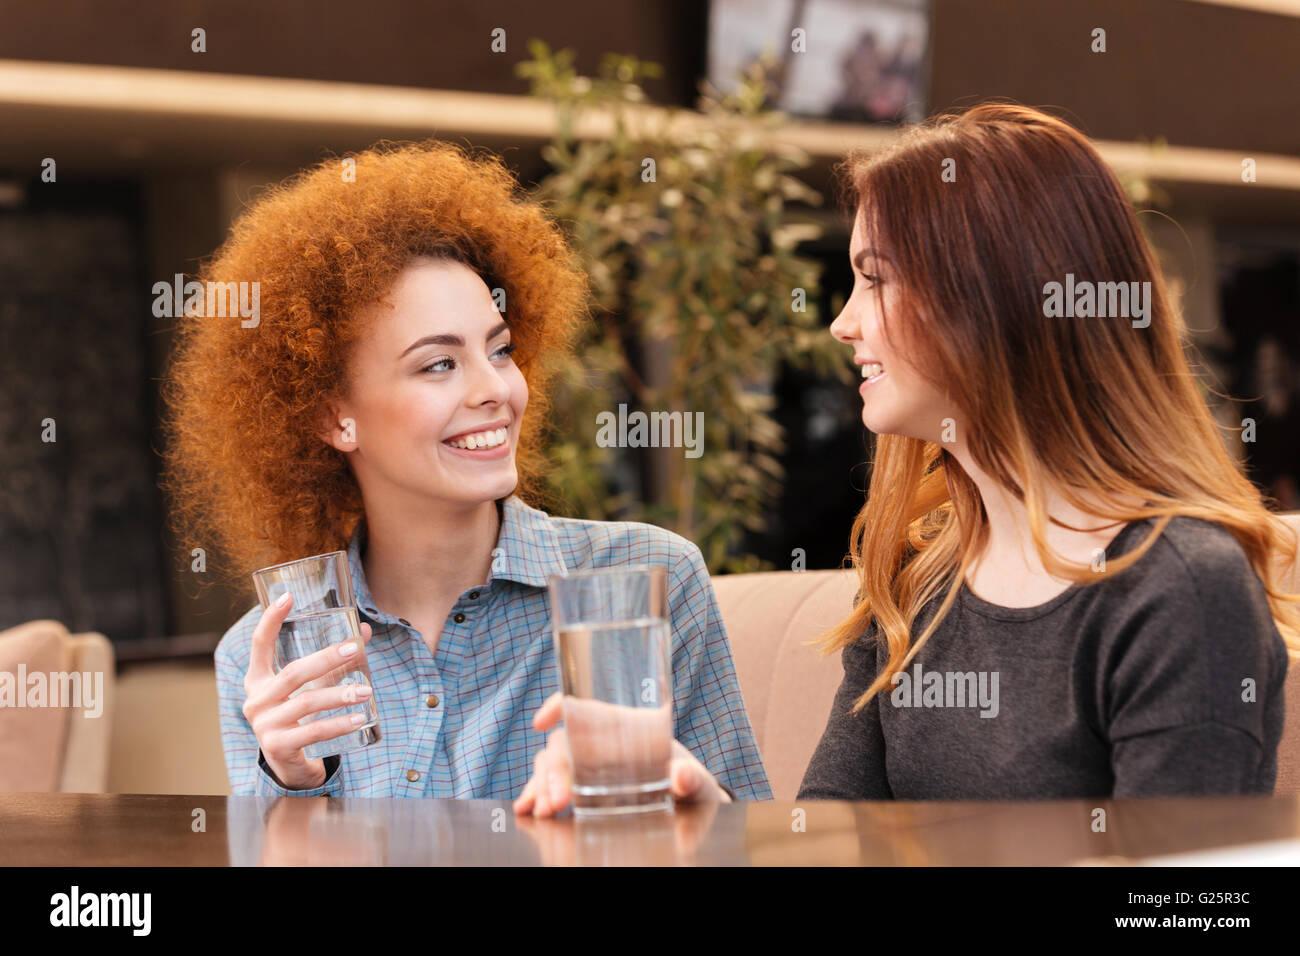 Zwei glückliche attraktive junge Frauen Lächeln und Trinkwasser im café Stockbild